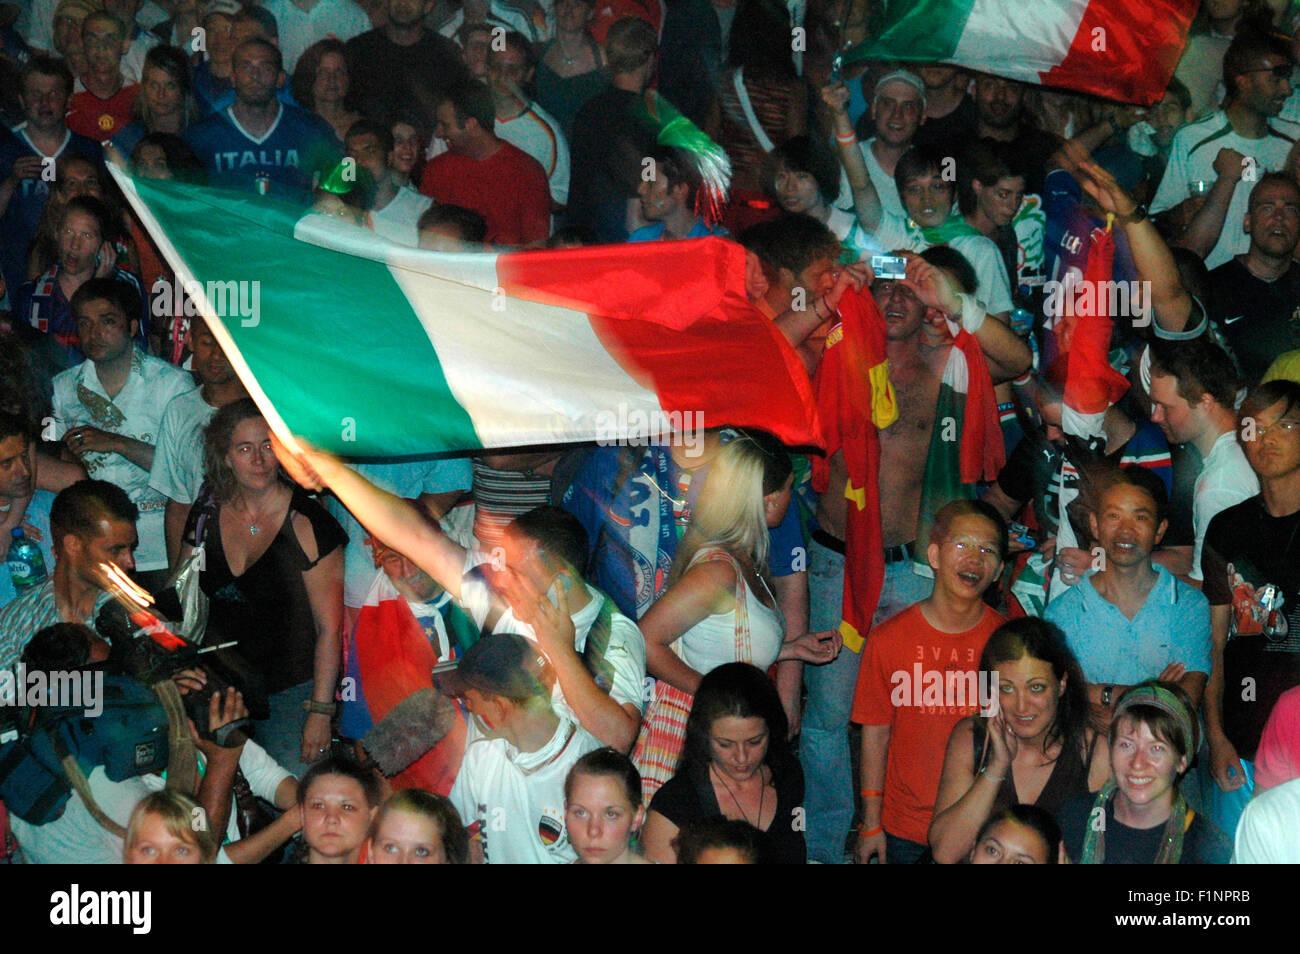 Jubel nach dem  Finale der Fussballweltmeisterschaft 2006, das Italien - gluecklich - nach Elfmeterschiessen gewann - Stock Image